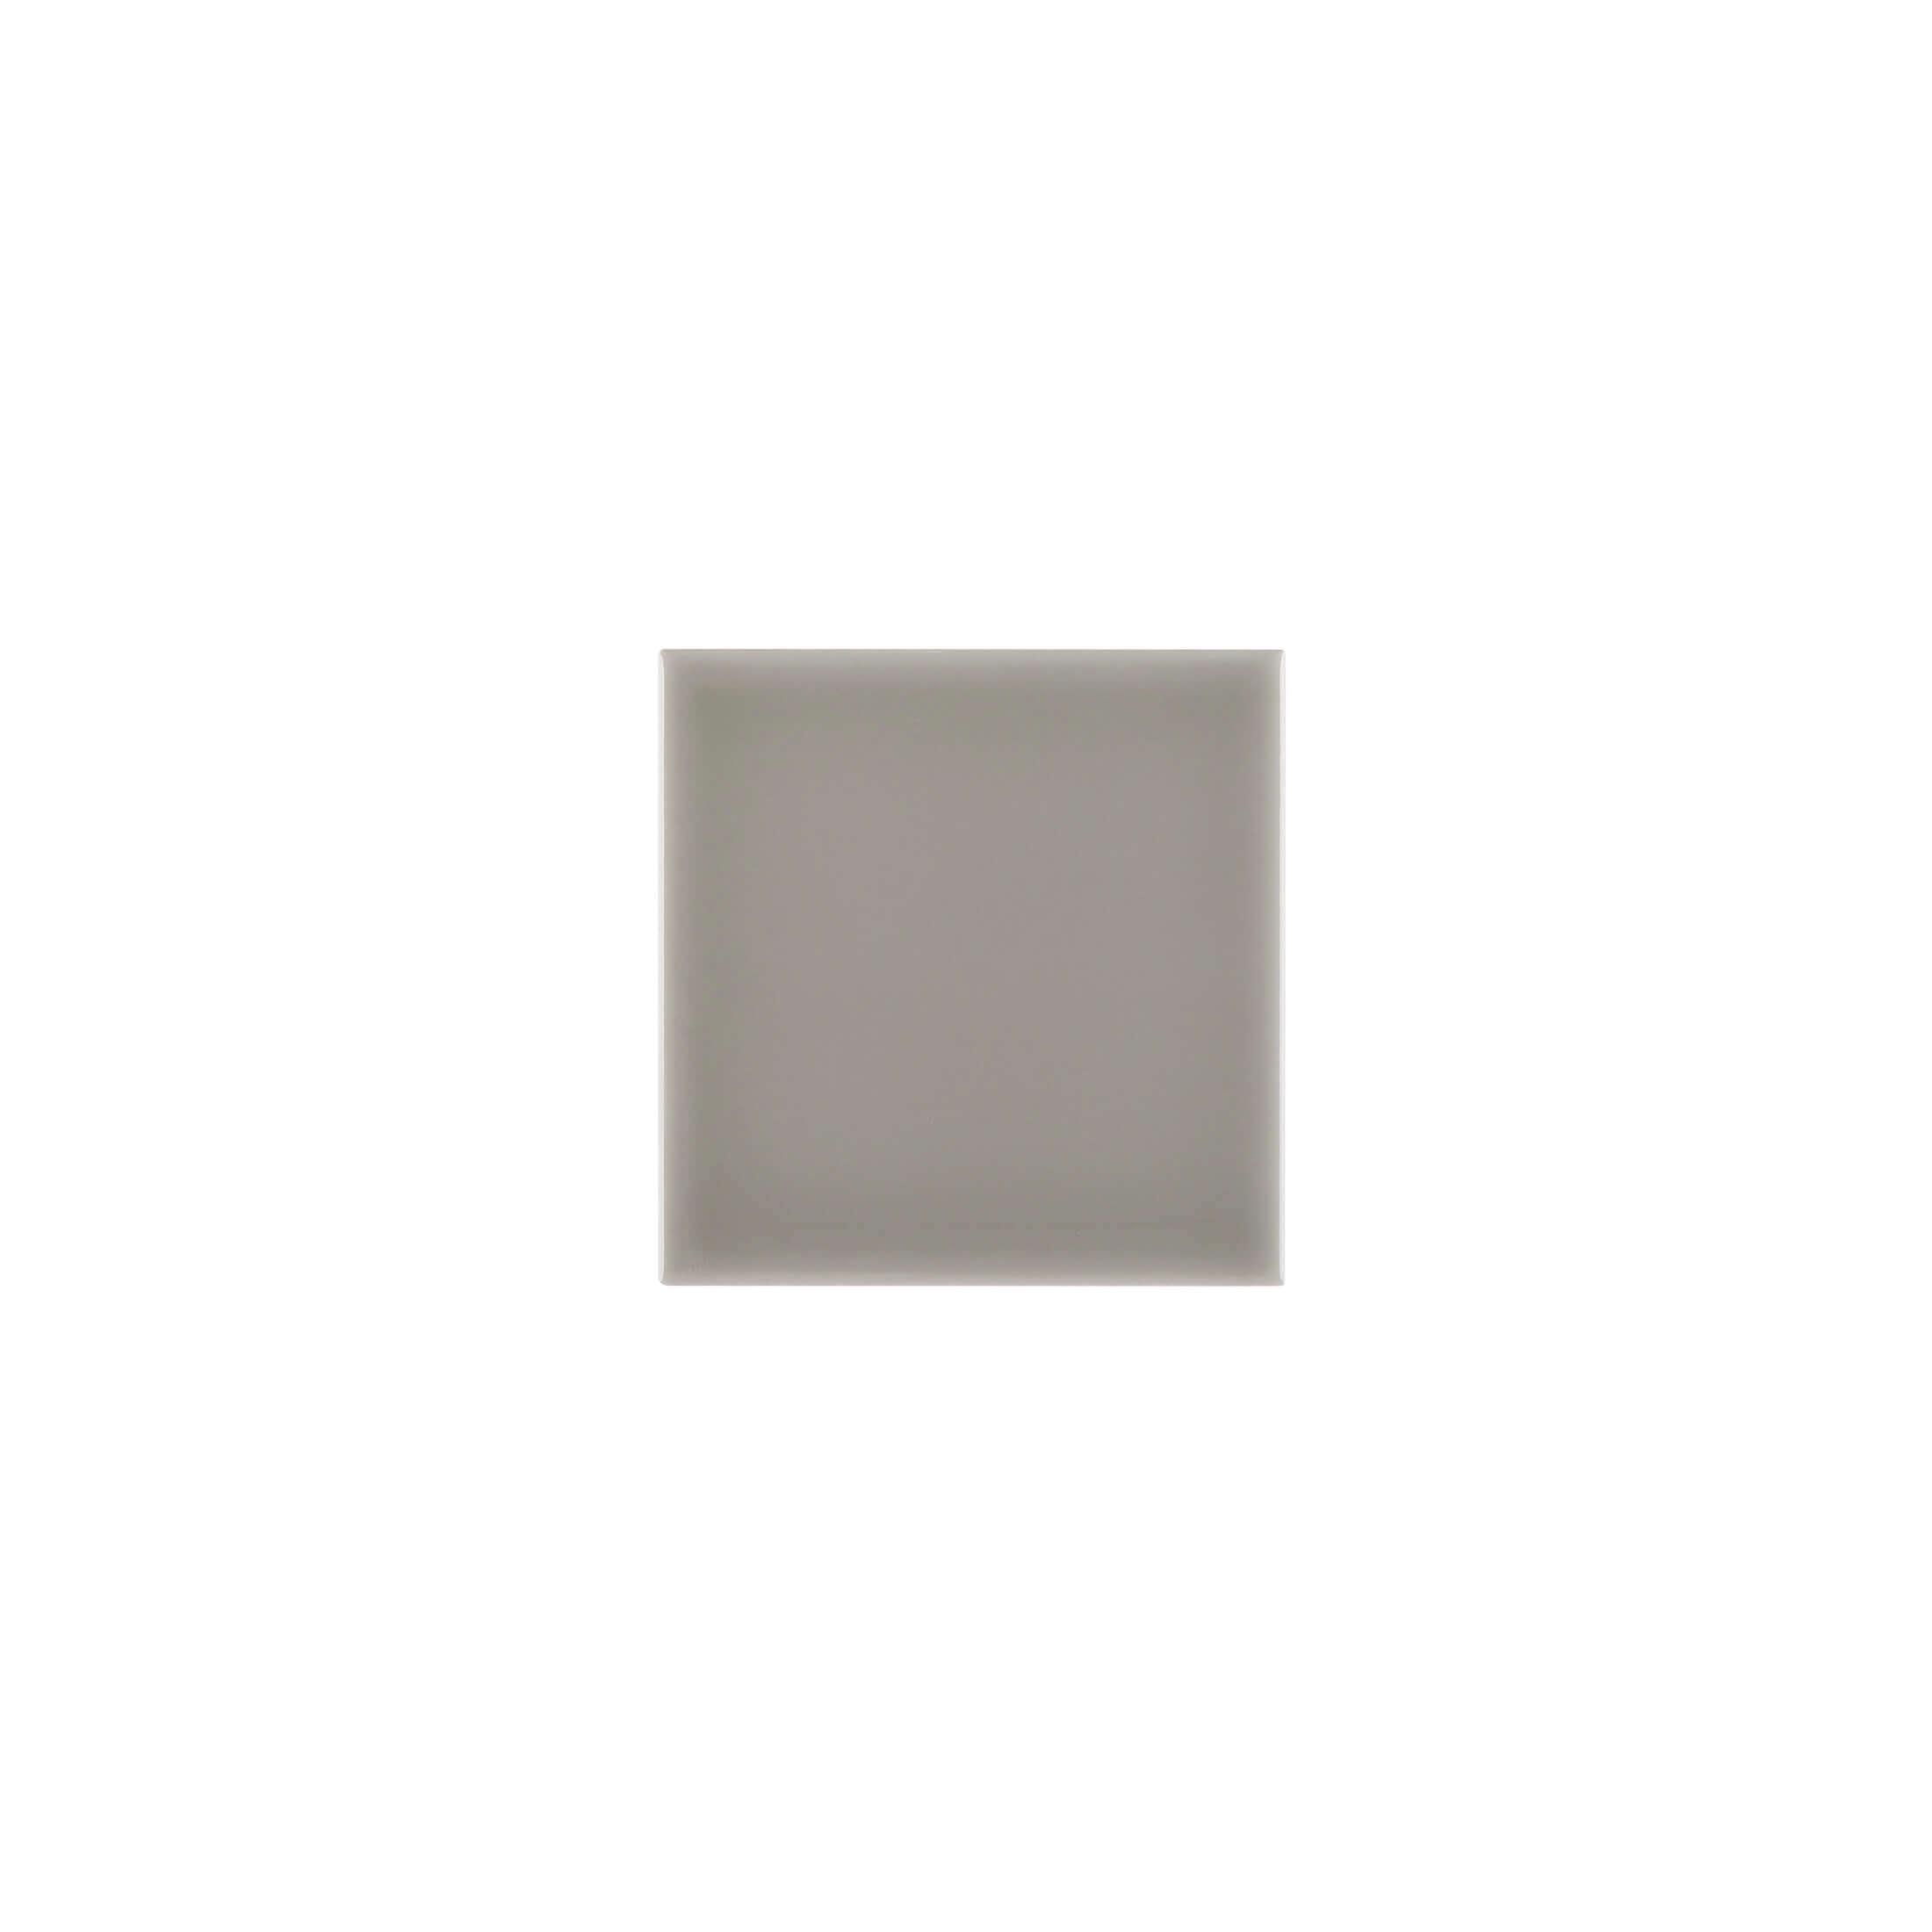 ADRI1007 - 10 cm X 10 cm